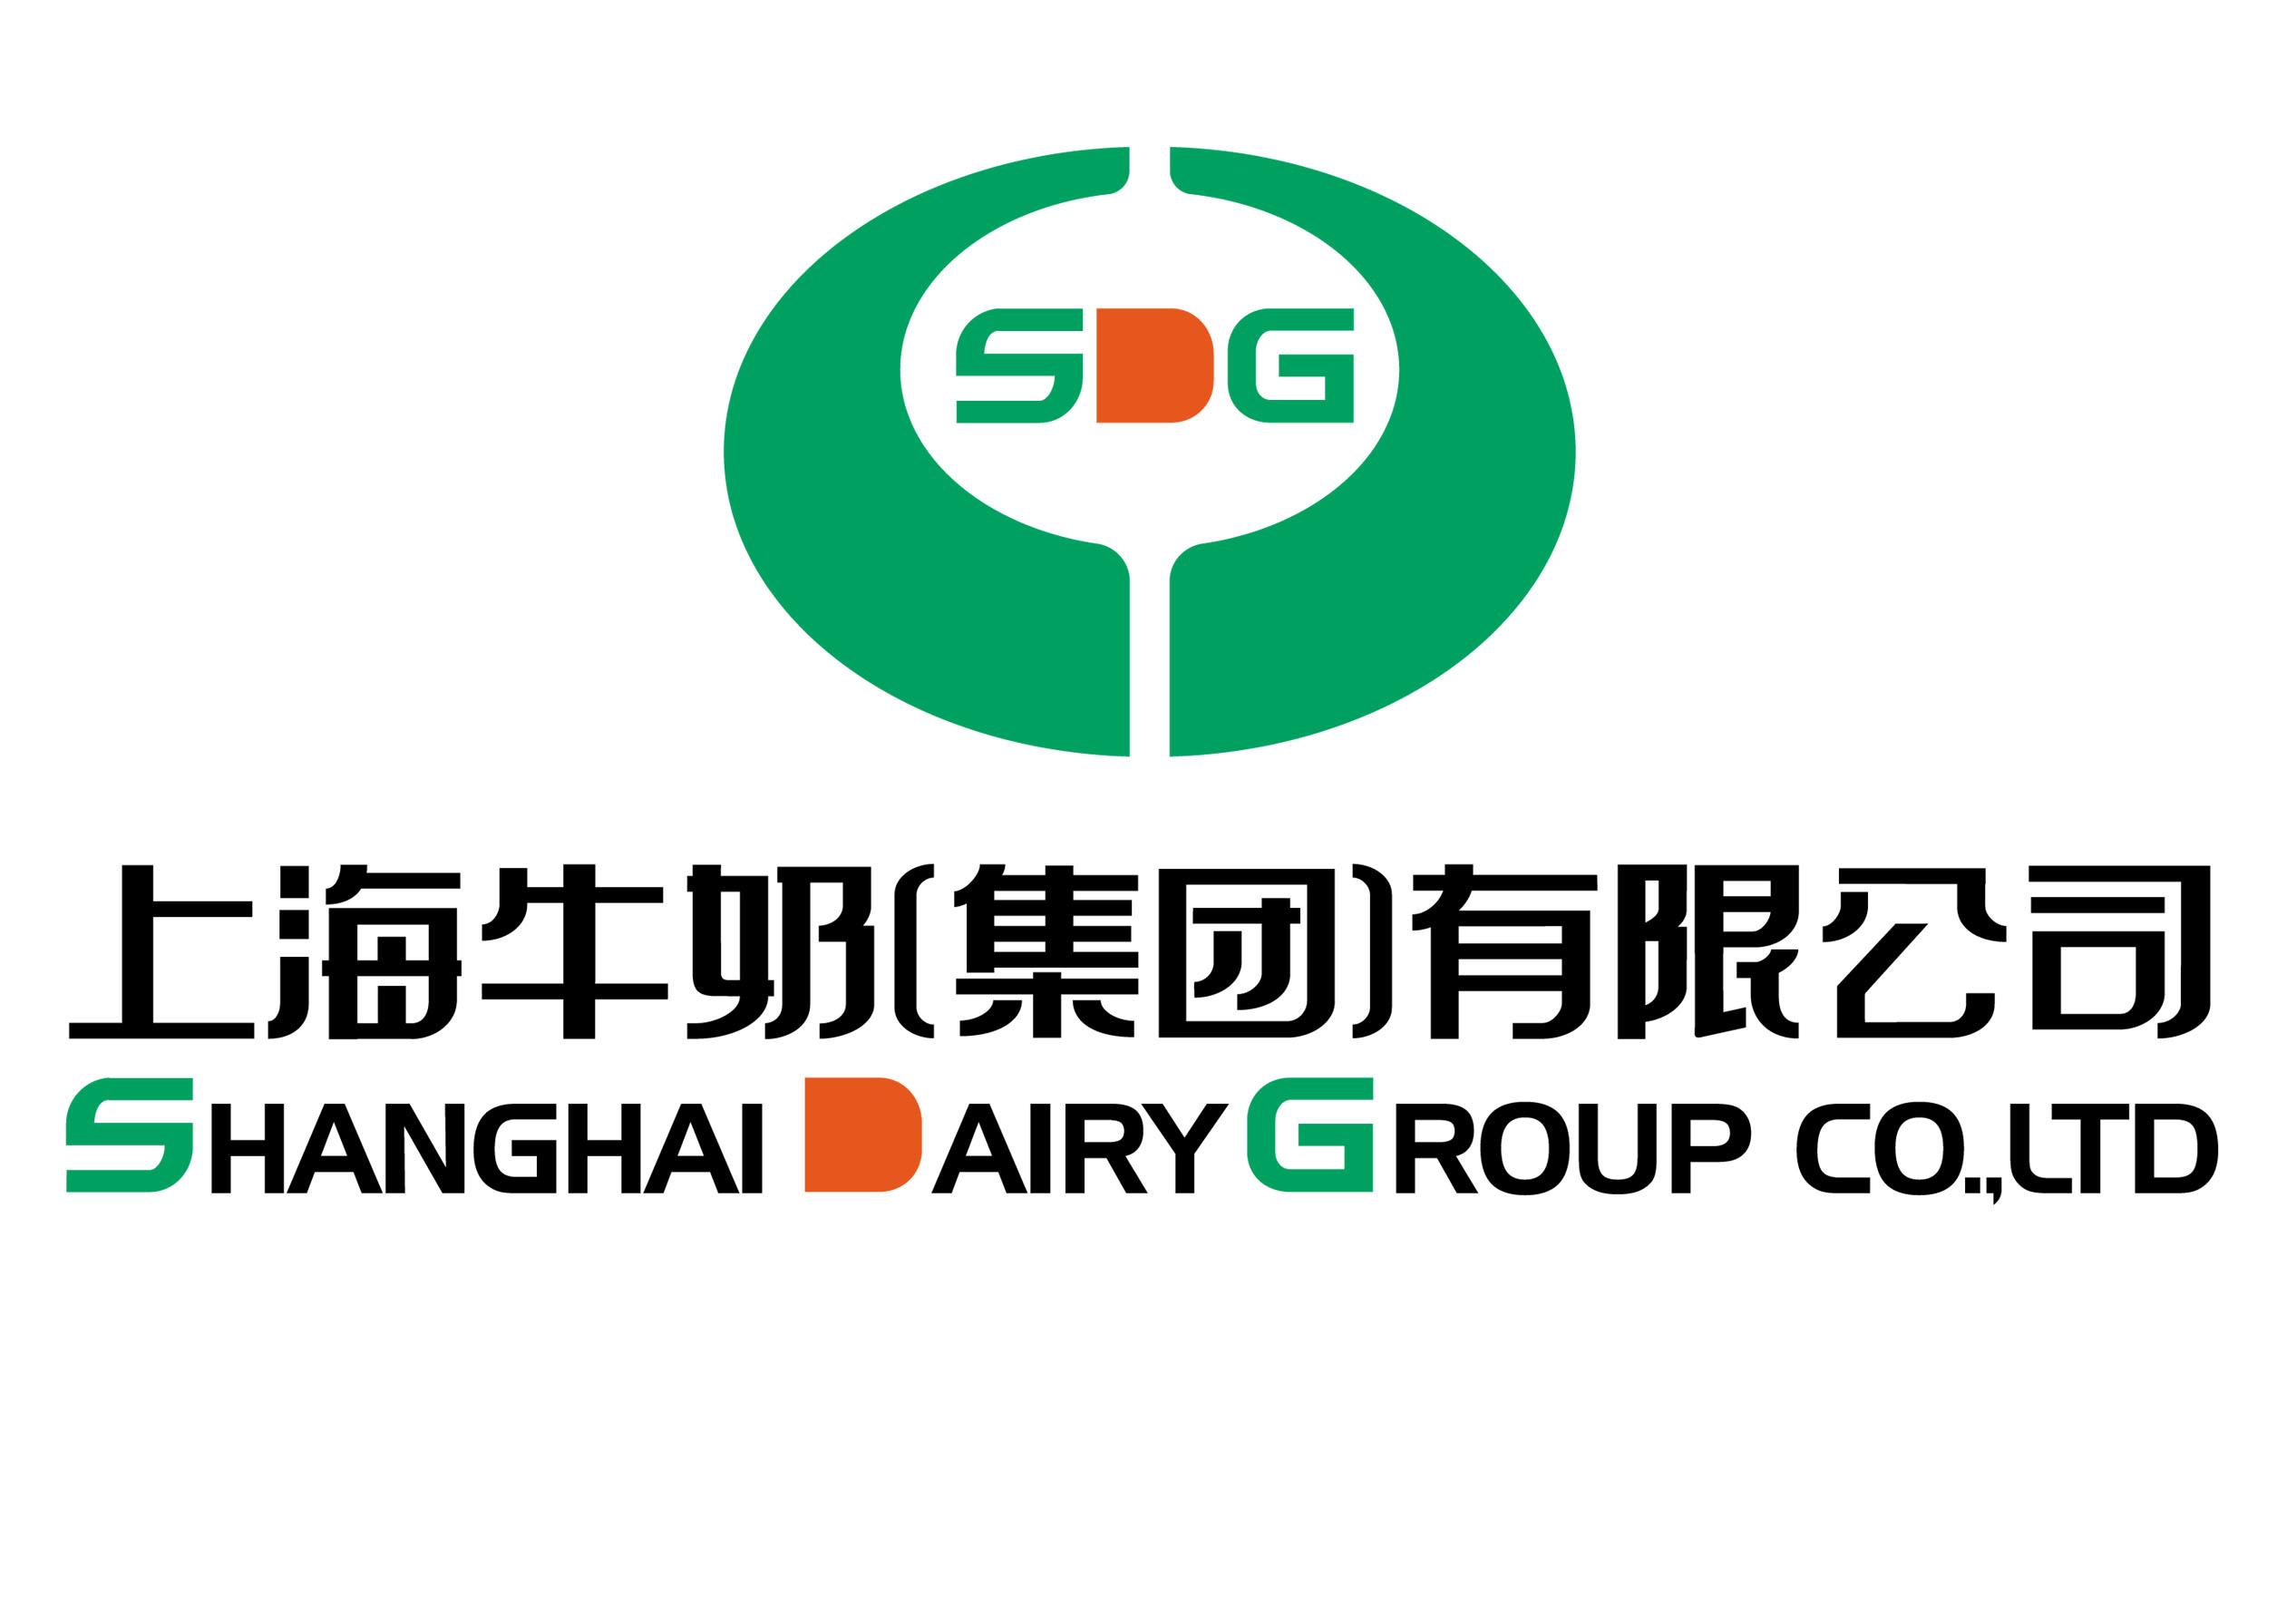 上海金牛牧业有限公司